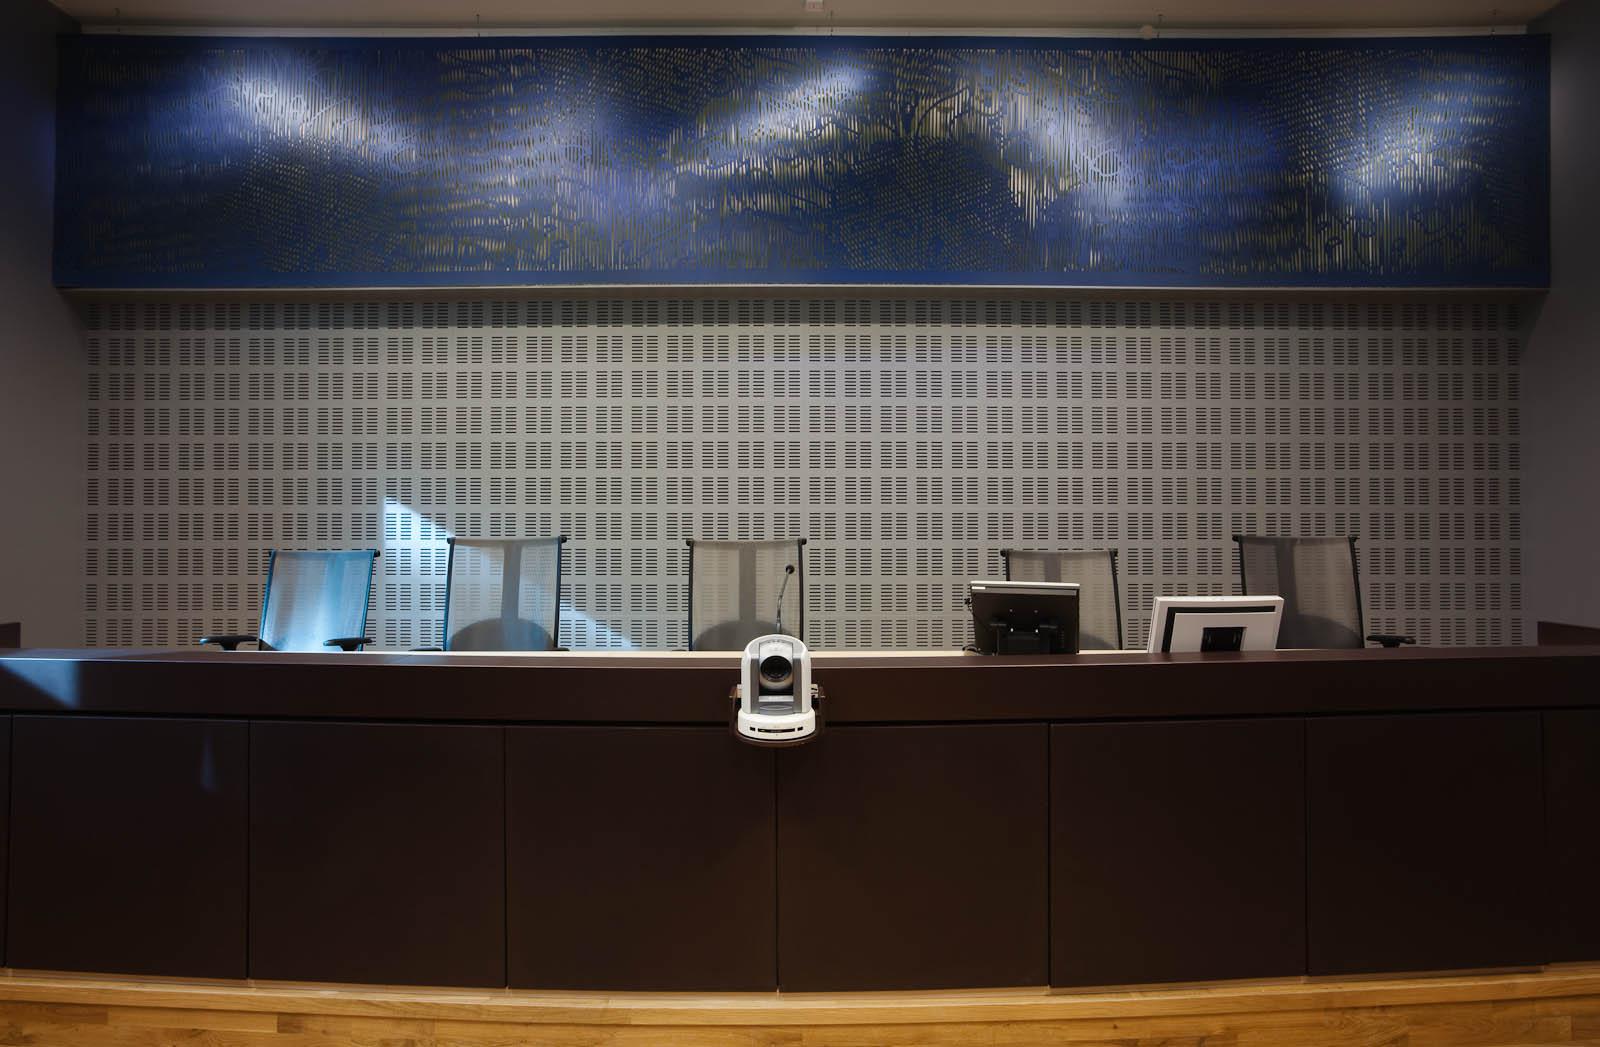 Panel på väggen ovanför domarbordet. Blått med utskurna mönster. May Bente Aronsen, Lyssnande vägg